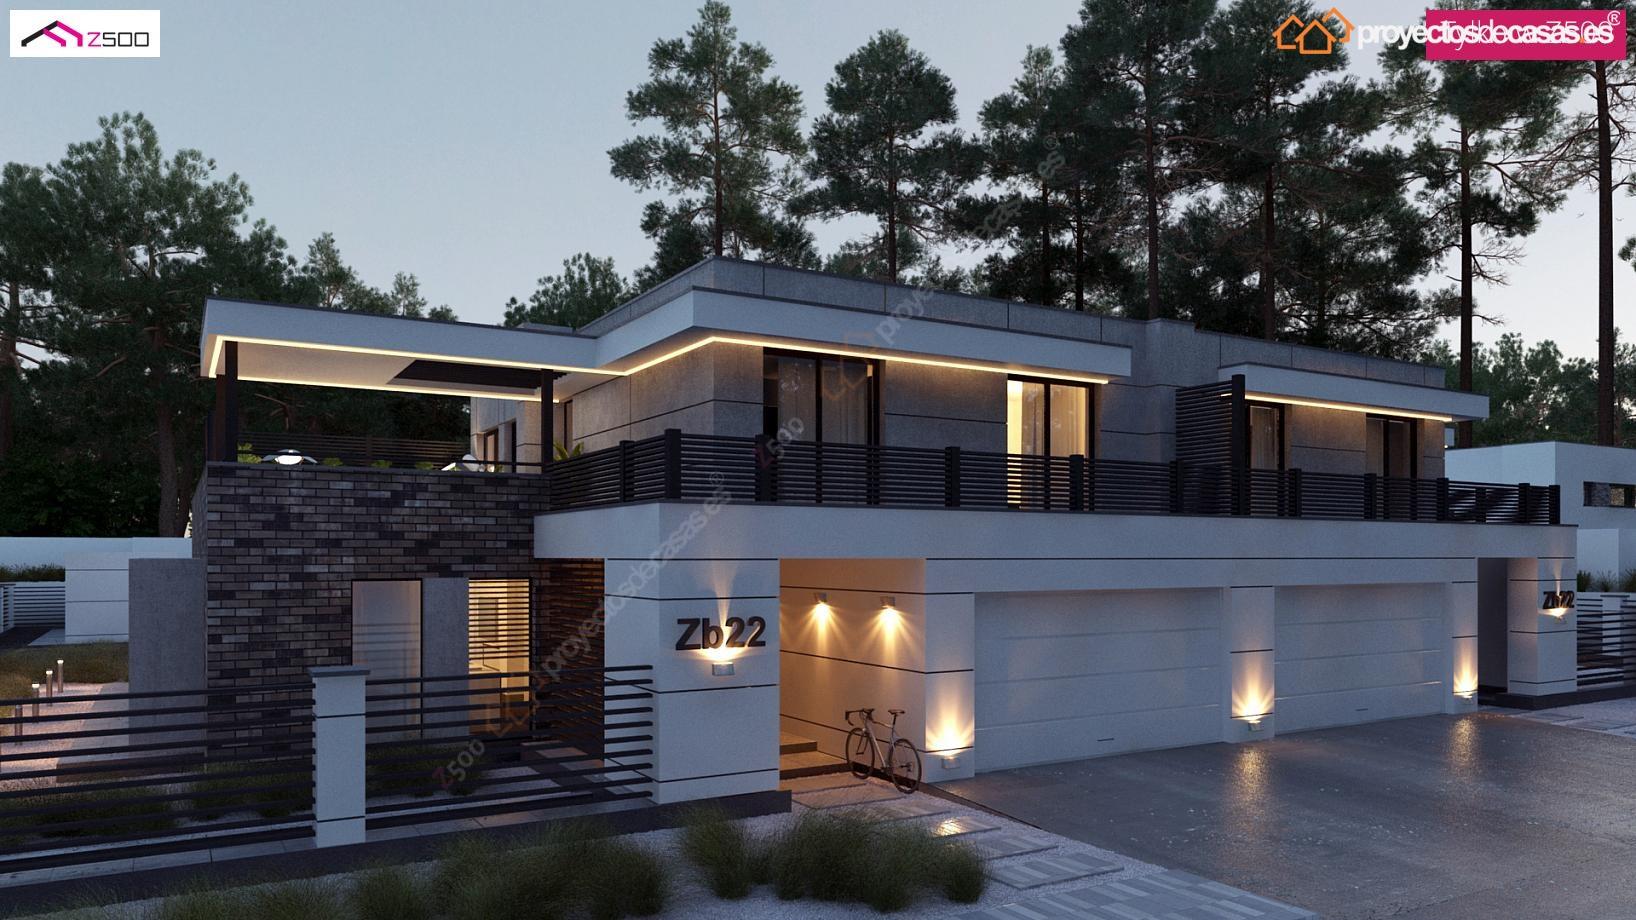 Proyectosdecasas dise amos y construimos casas en toda for Diseno de casas modernas de 2 plantas